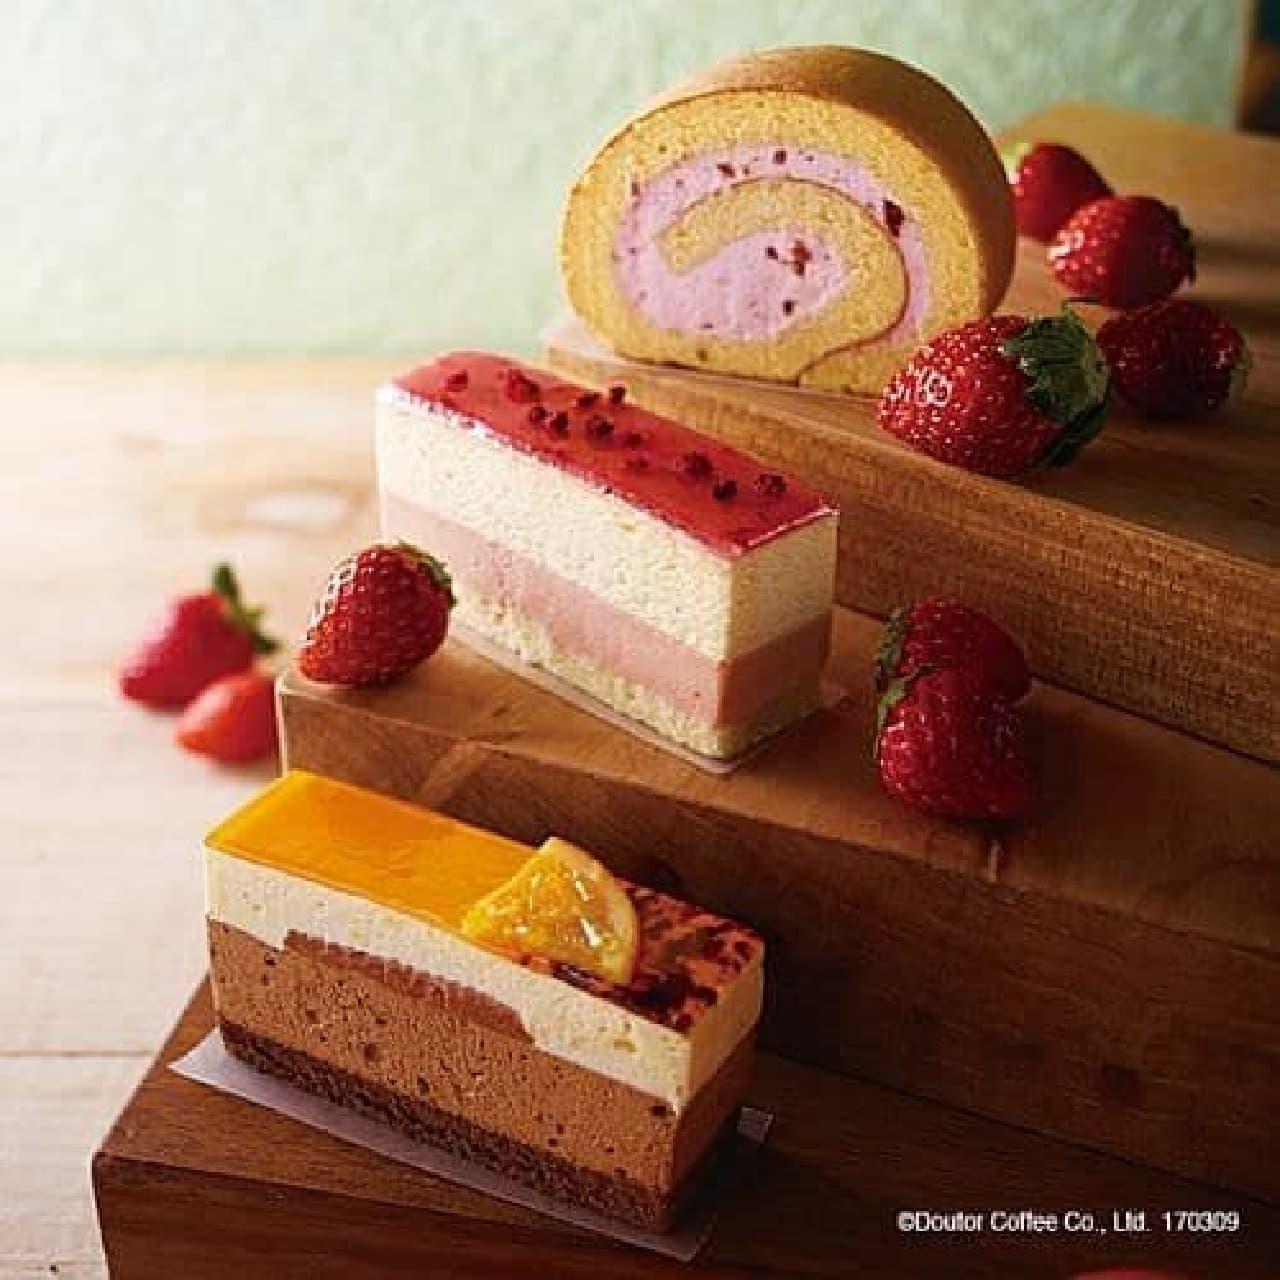 エクセルシオール カフェ春のケーキ3種